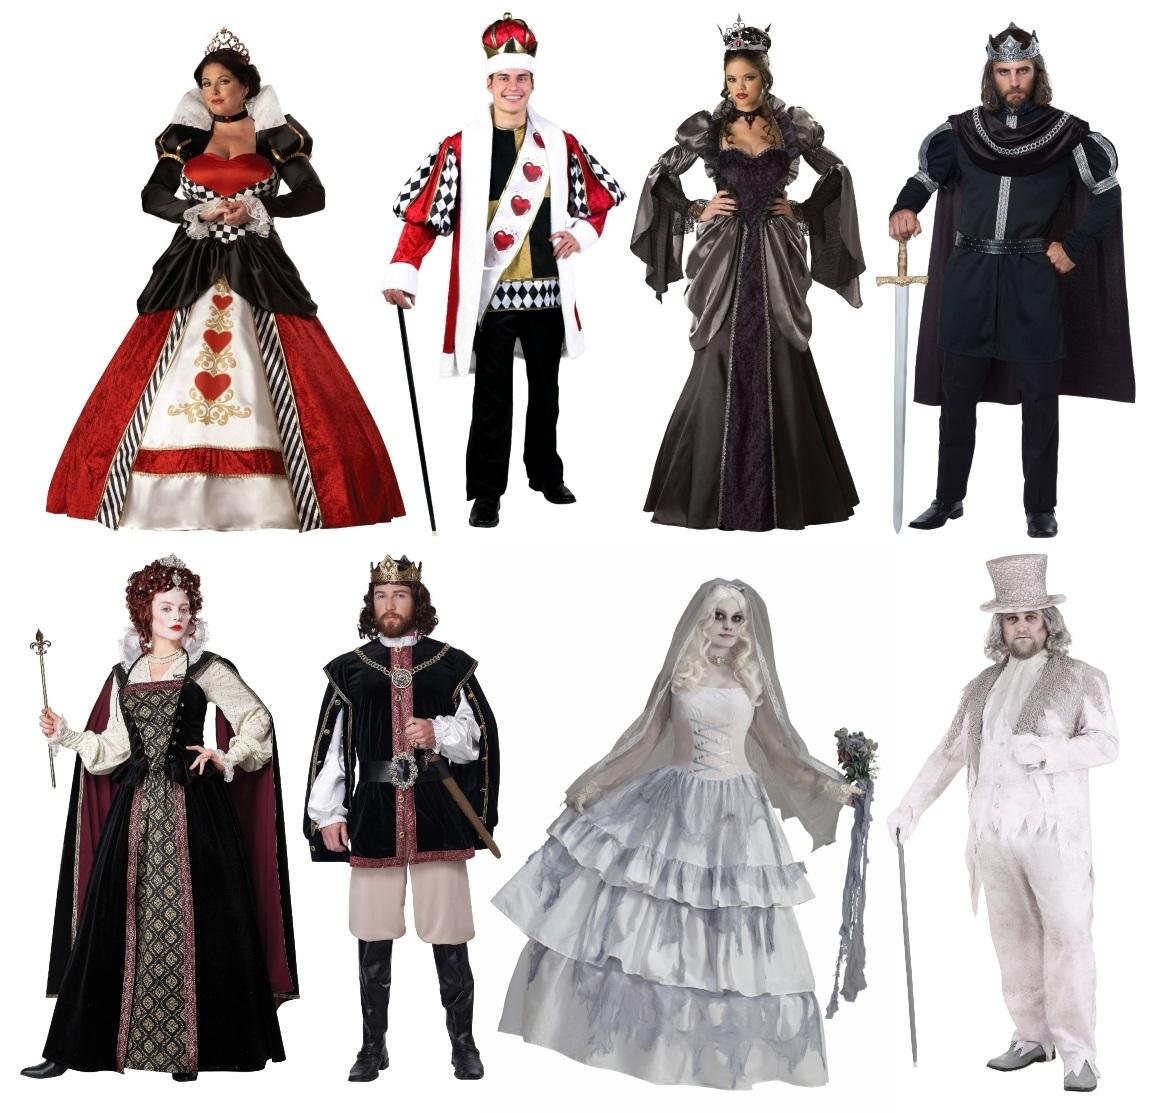 Adult Masquerade Costumes